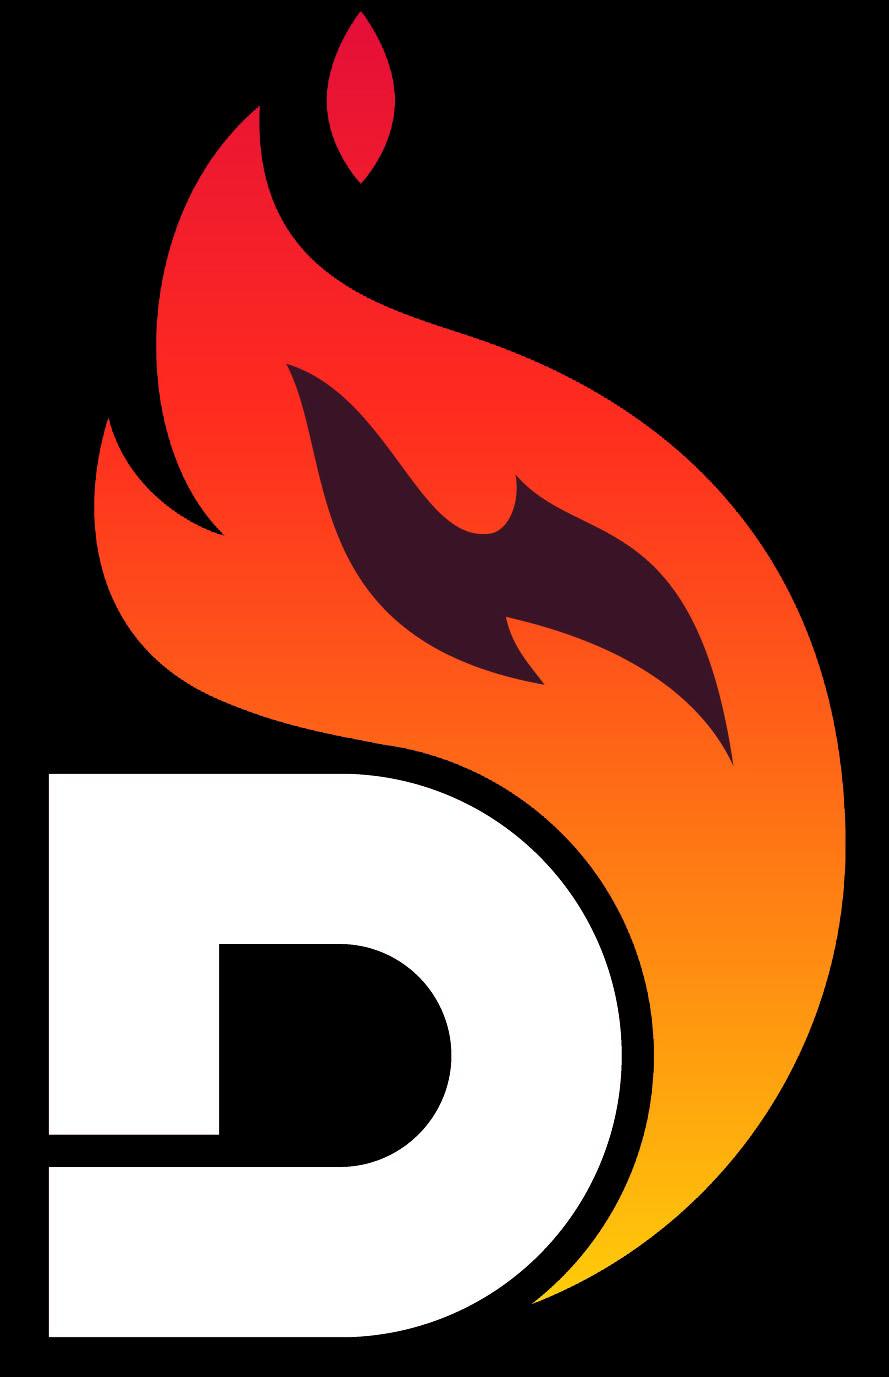 Логотип противопожарное оборудование